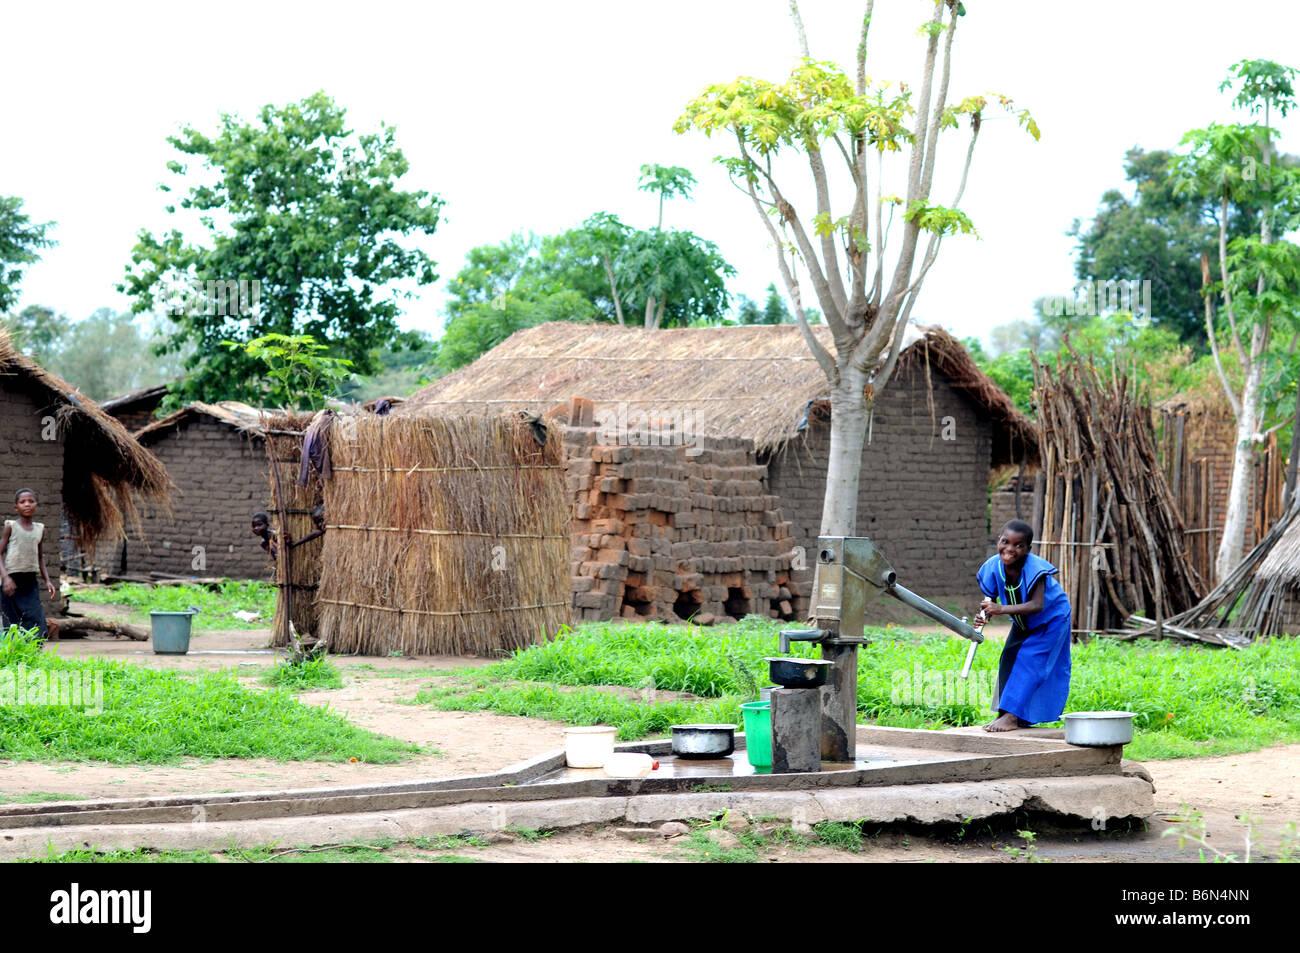 rural scene malawi - Stock Image